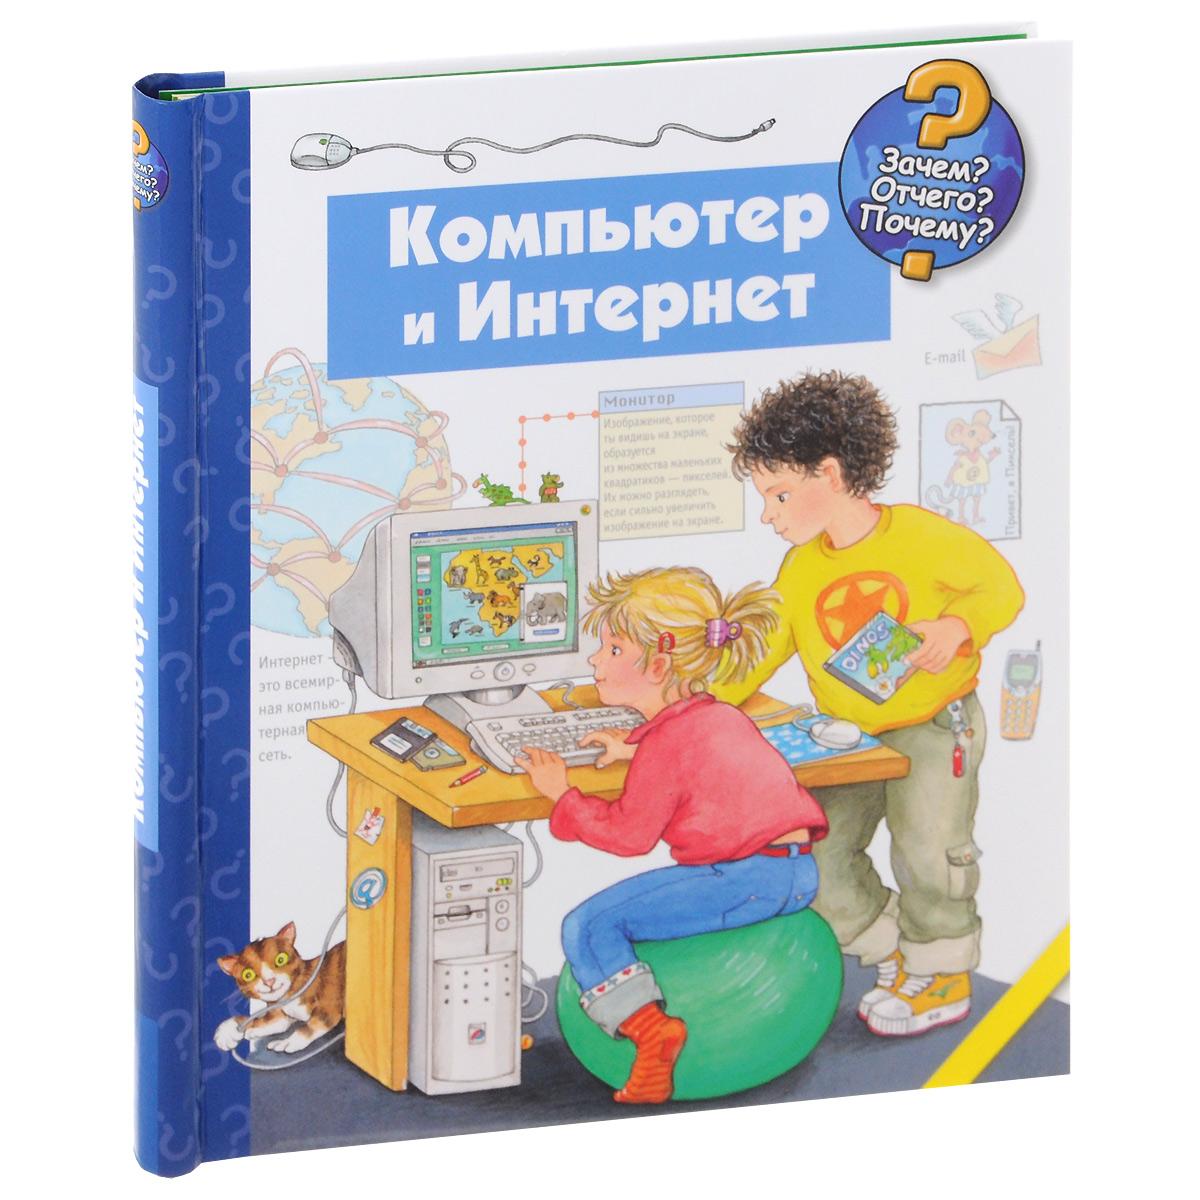 Андреас Вильхельм Компьютер и Интернет компьютер